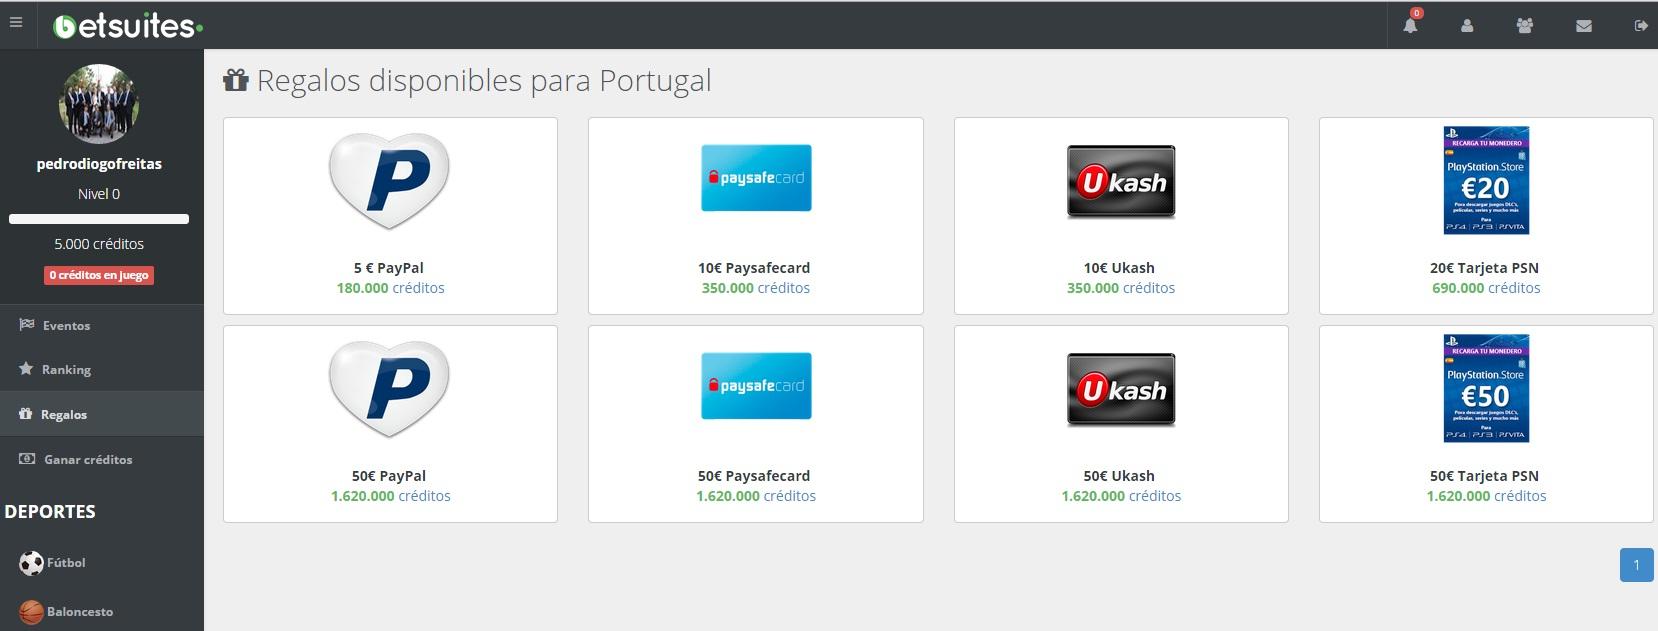 [SCAM] BetSuites - Aposta Gratuitamente e ganhar Prémios Monetários  Paypal! 17965878_O0lBW